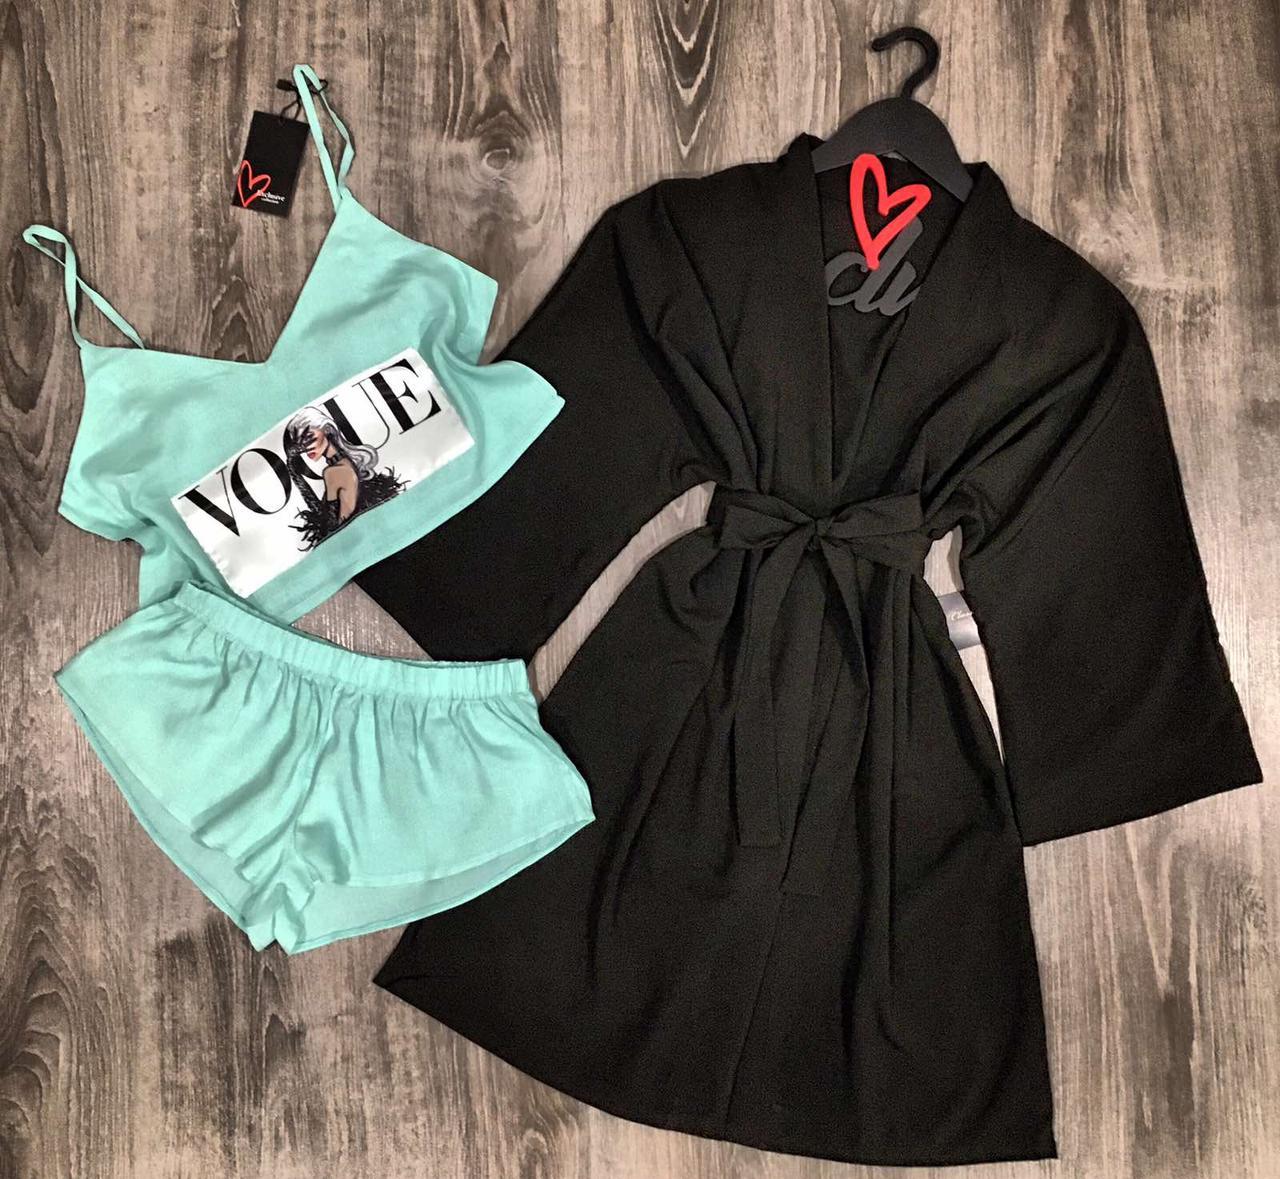 Модный комплект одежды для сна и отдыха халат+пижама с рисунком.